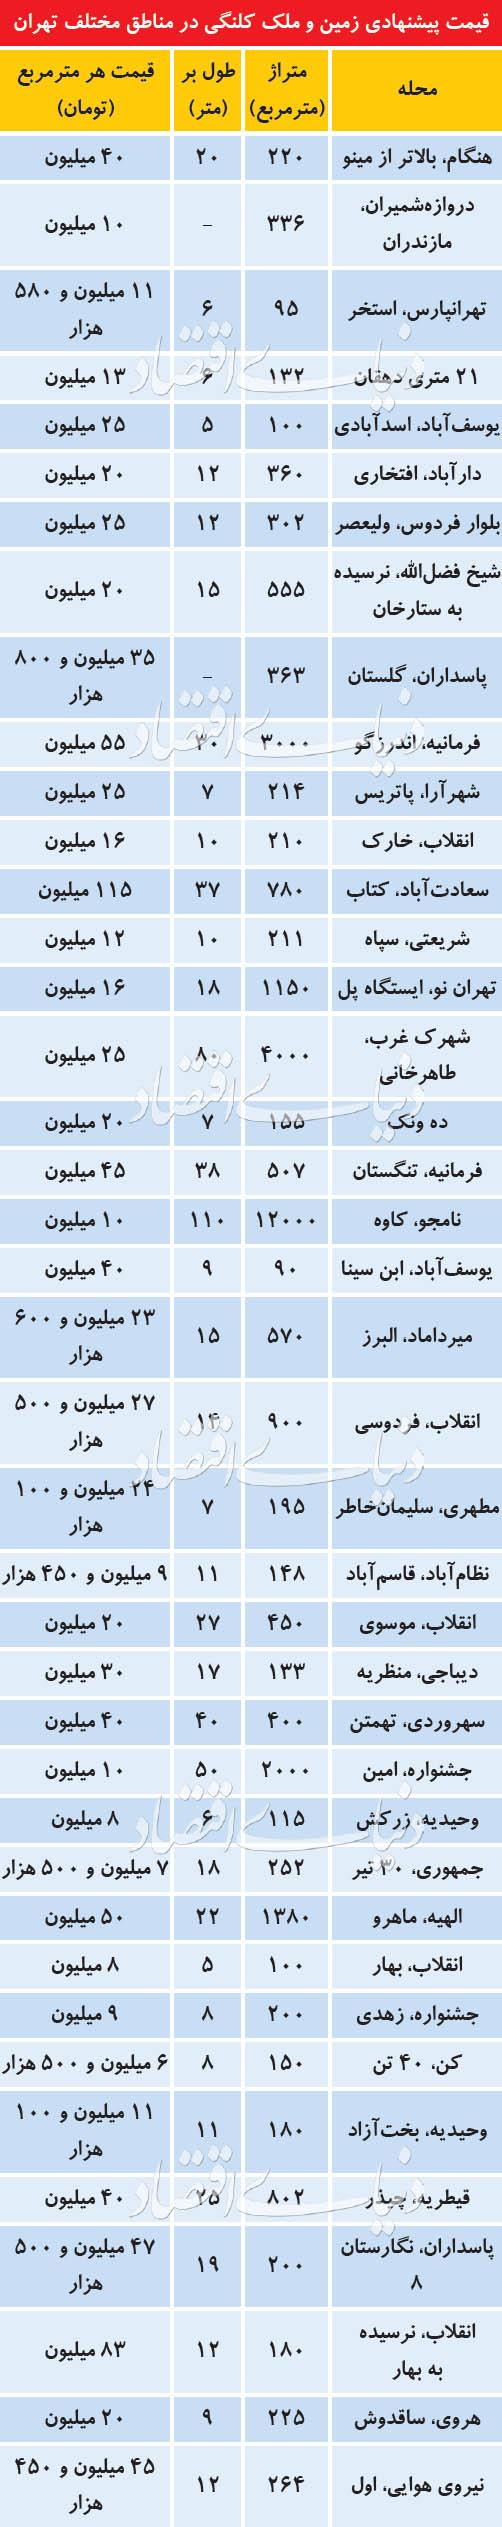 آخرین قیمتها در بازار املاک «کلنگی» در تهران